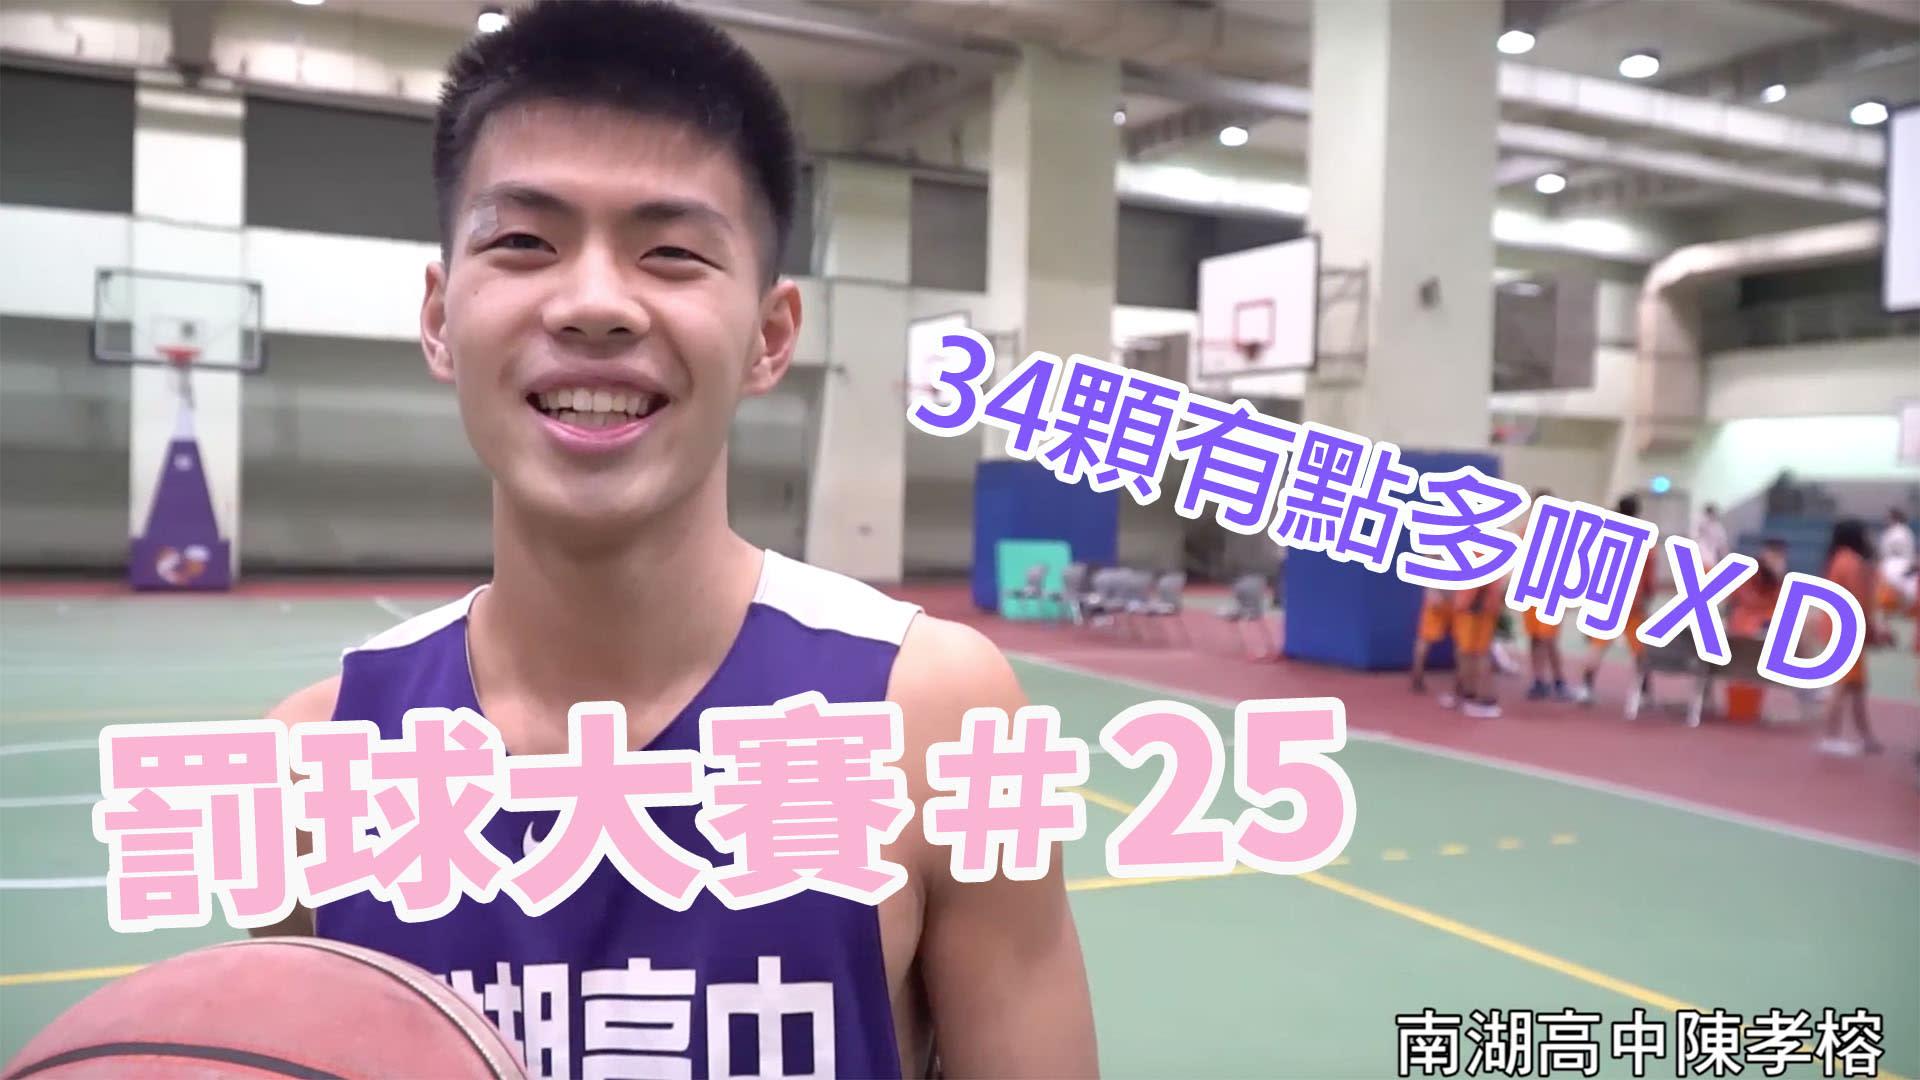 罰球大賽#25 南湖高中 陳孝榕